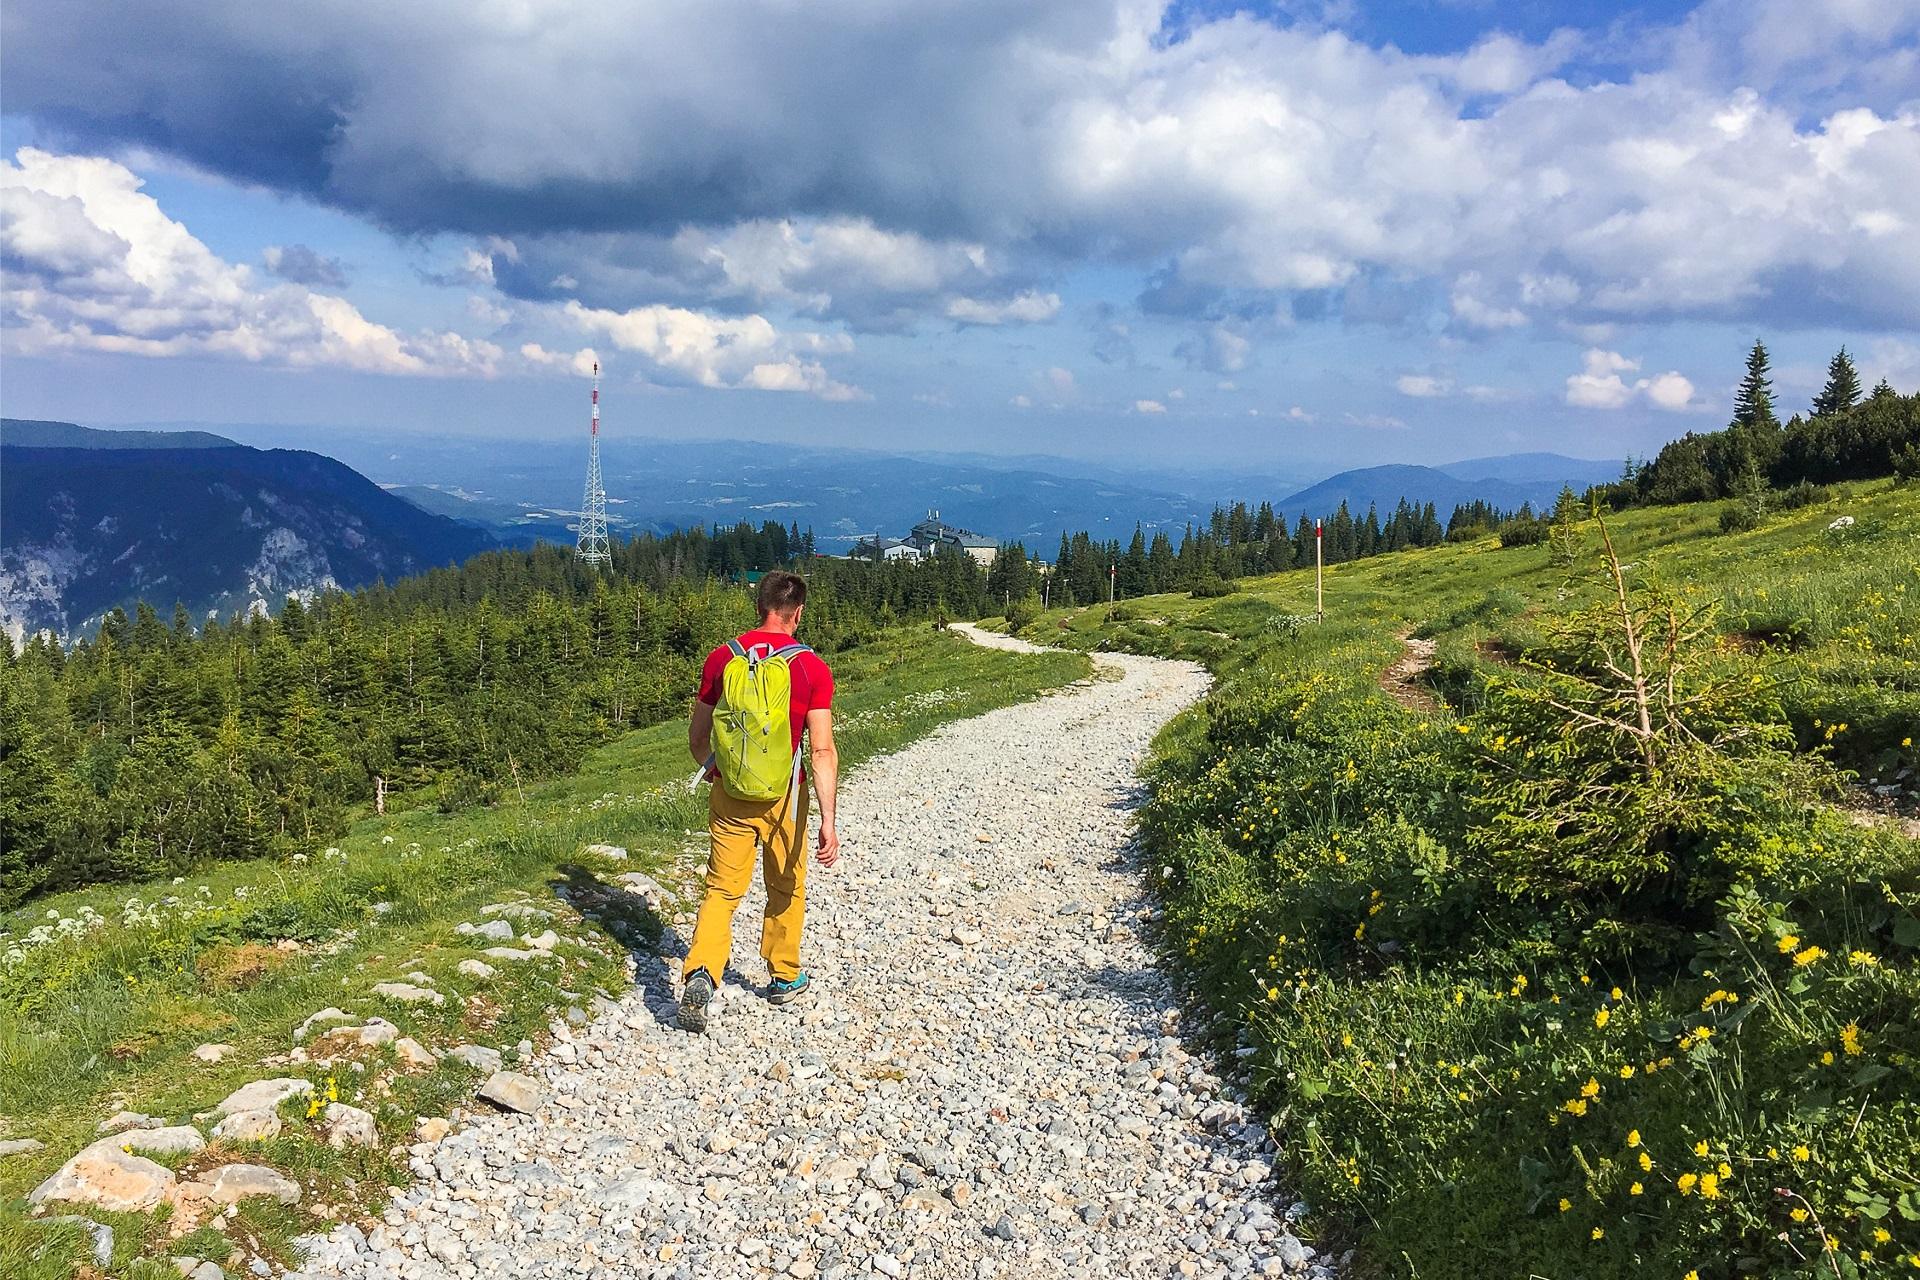 Zejście z Preinerwand do kolejki górnej stacji kolejki na Rax prowadzi przyjemnym szlakiem